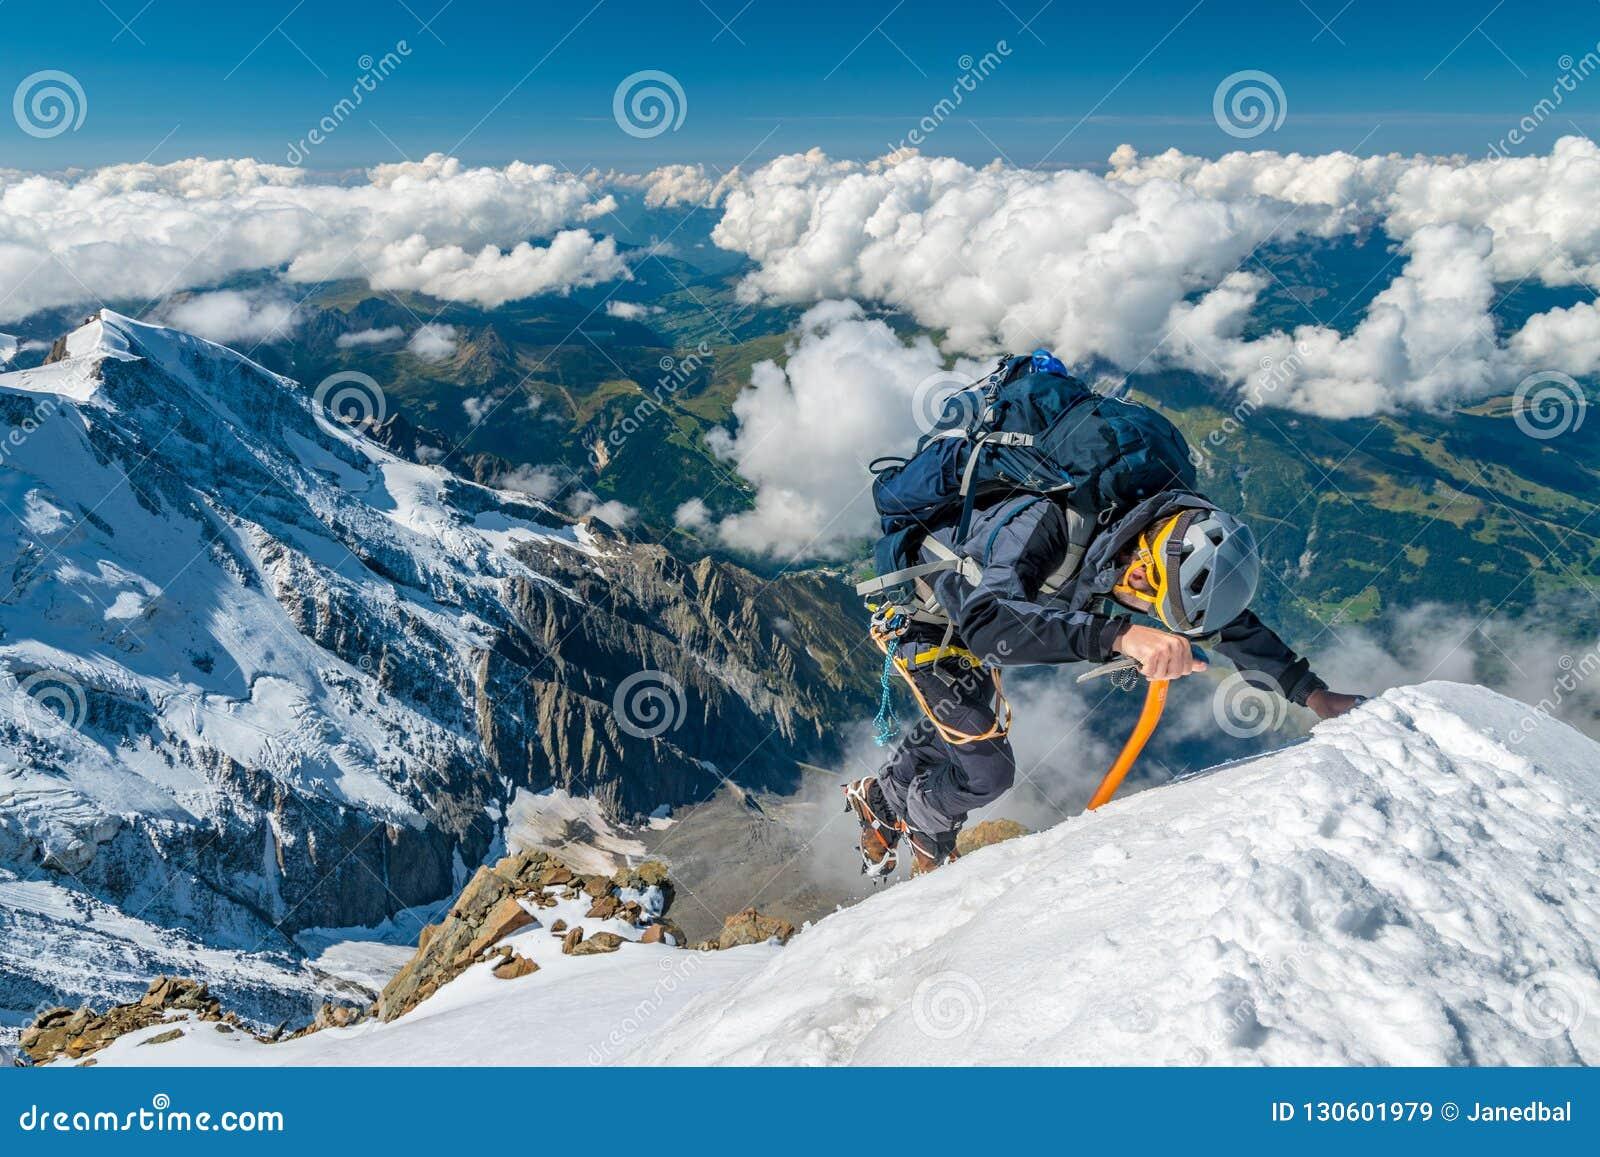 Alpinista extremo en mucha altitud en la cumbre de la montaña de Aiguille de Bionnassay, macizo de Mont Blanc, montañas, Francia